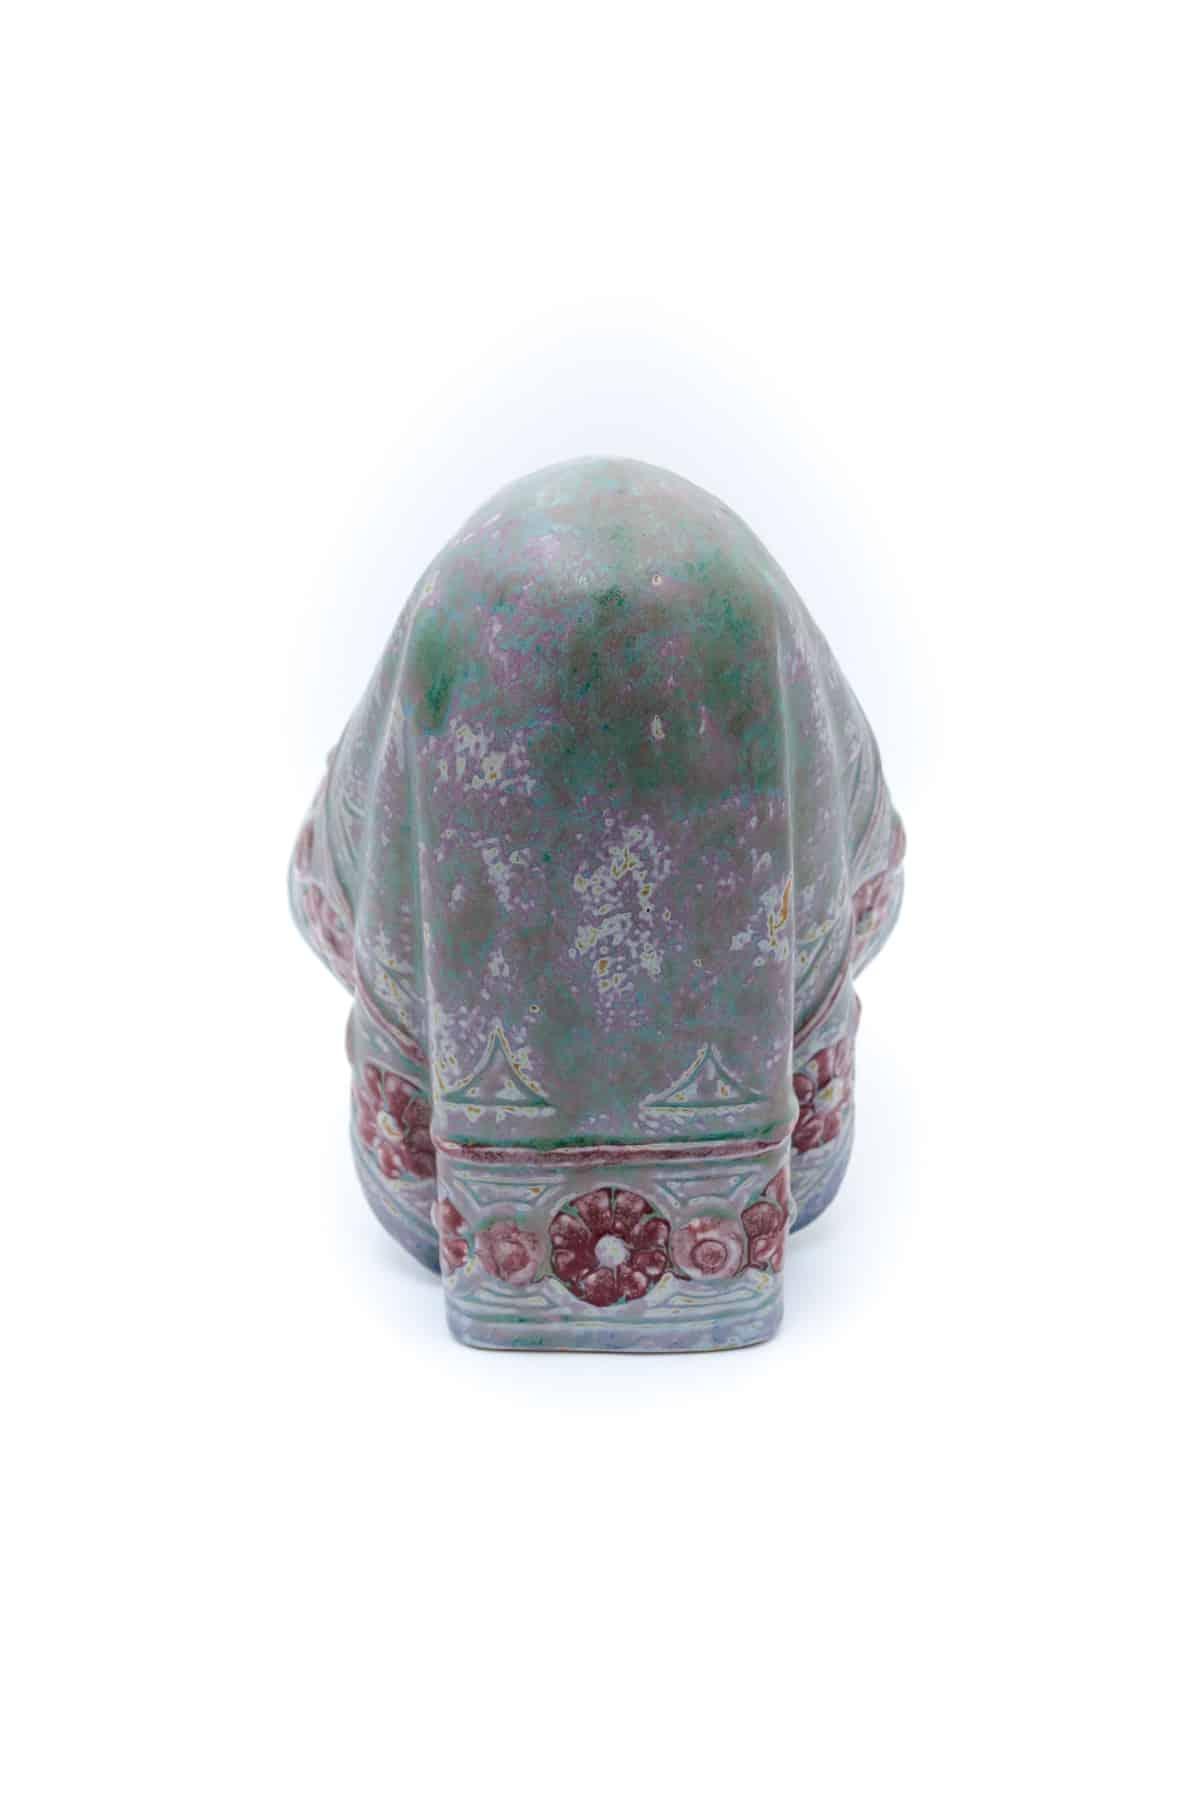 farforovaya golova devushki 2